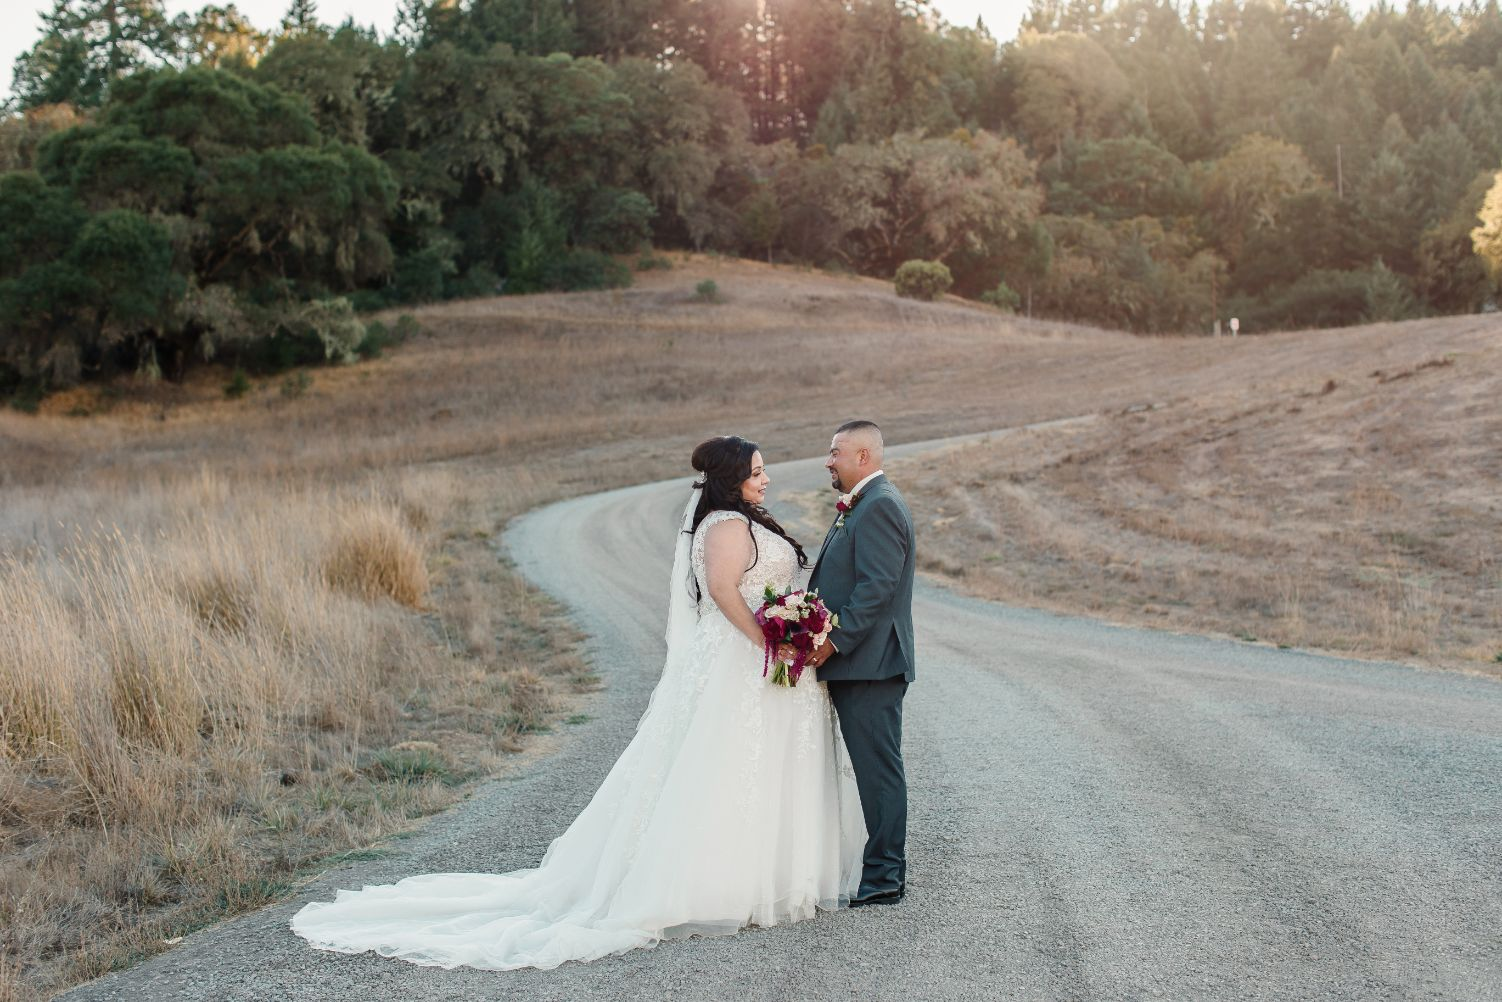 3 Mountain House Estate California Wedding Venue Sonoma Cloverdale Mendocino